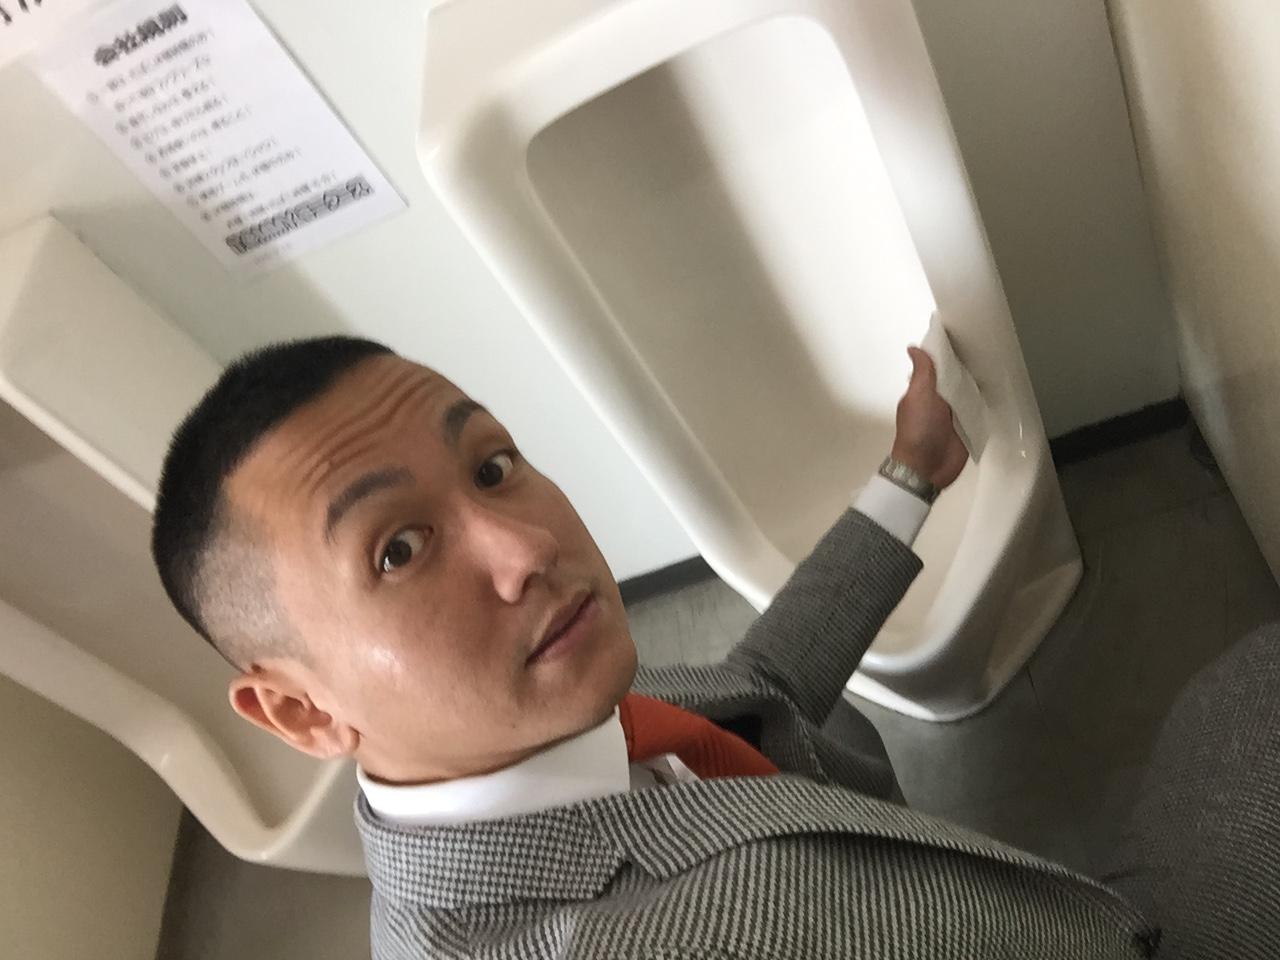 12月27日 土曜日 本年最後のトミーブログはホッピーがお届け致します!_b0127002_20105564.jpg